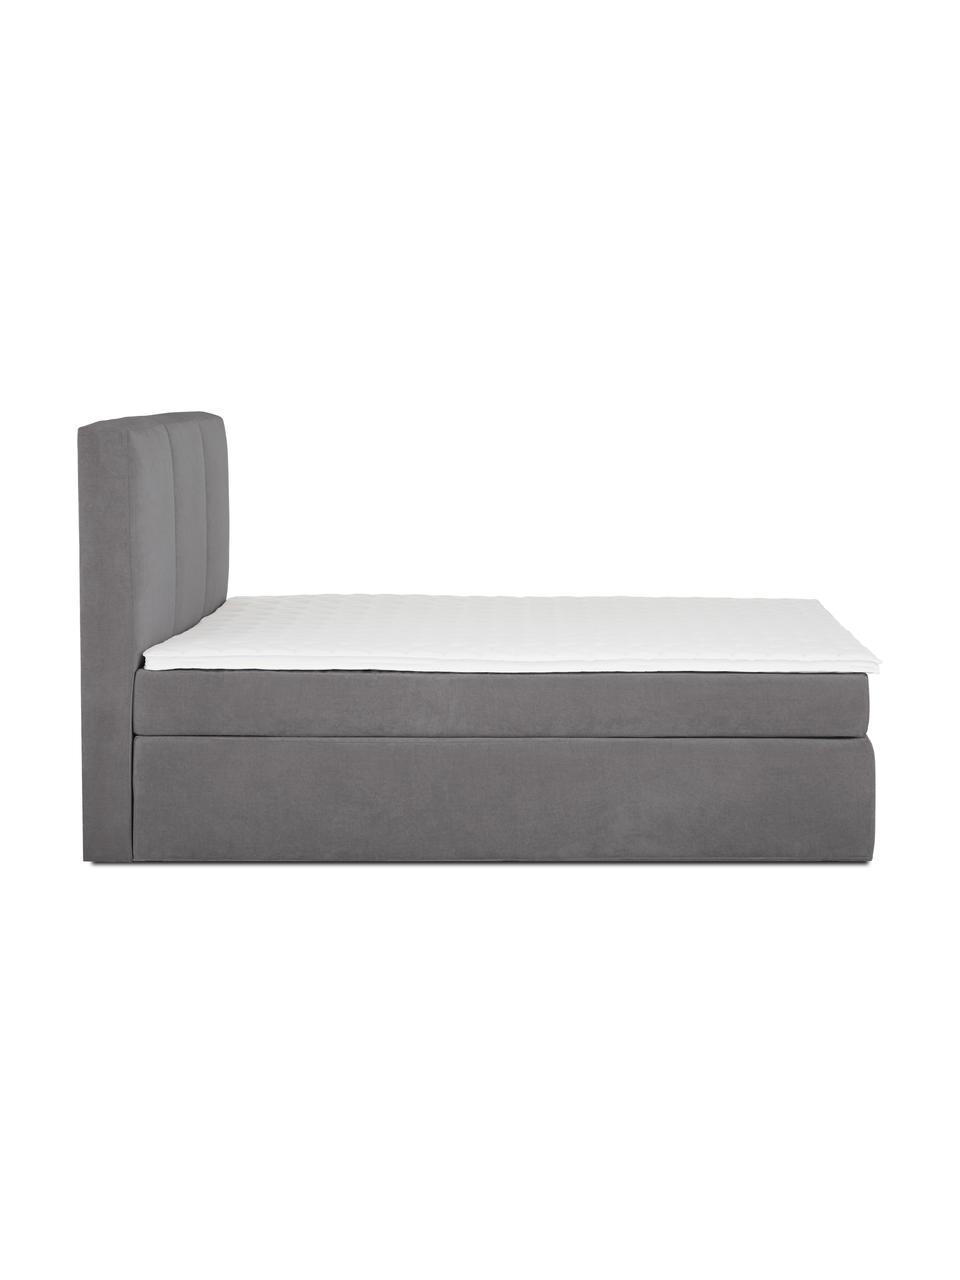 Łóżko kontynentalne Oberon, Nogi: tworzywo sztuczne, Antracytowy, S 200 x D 200 cm